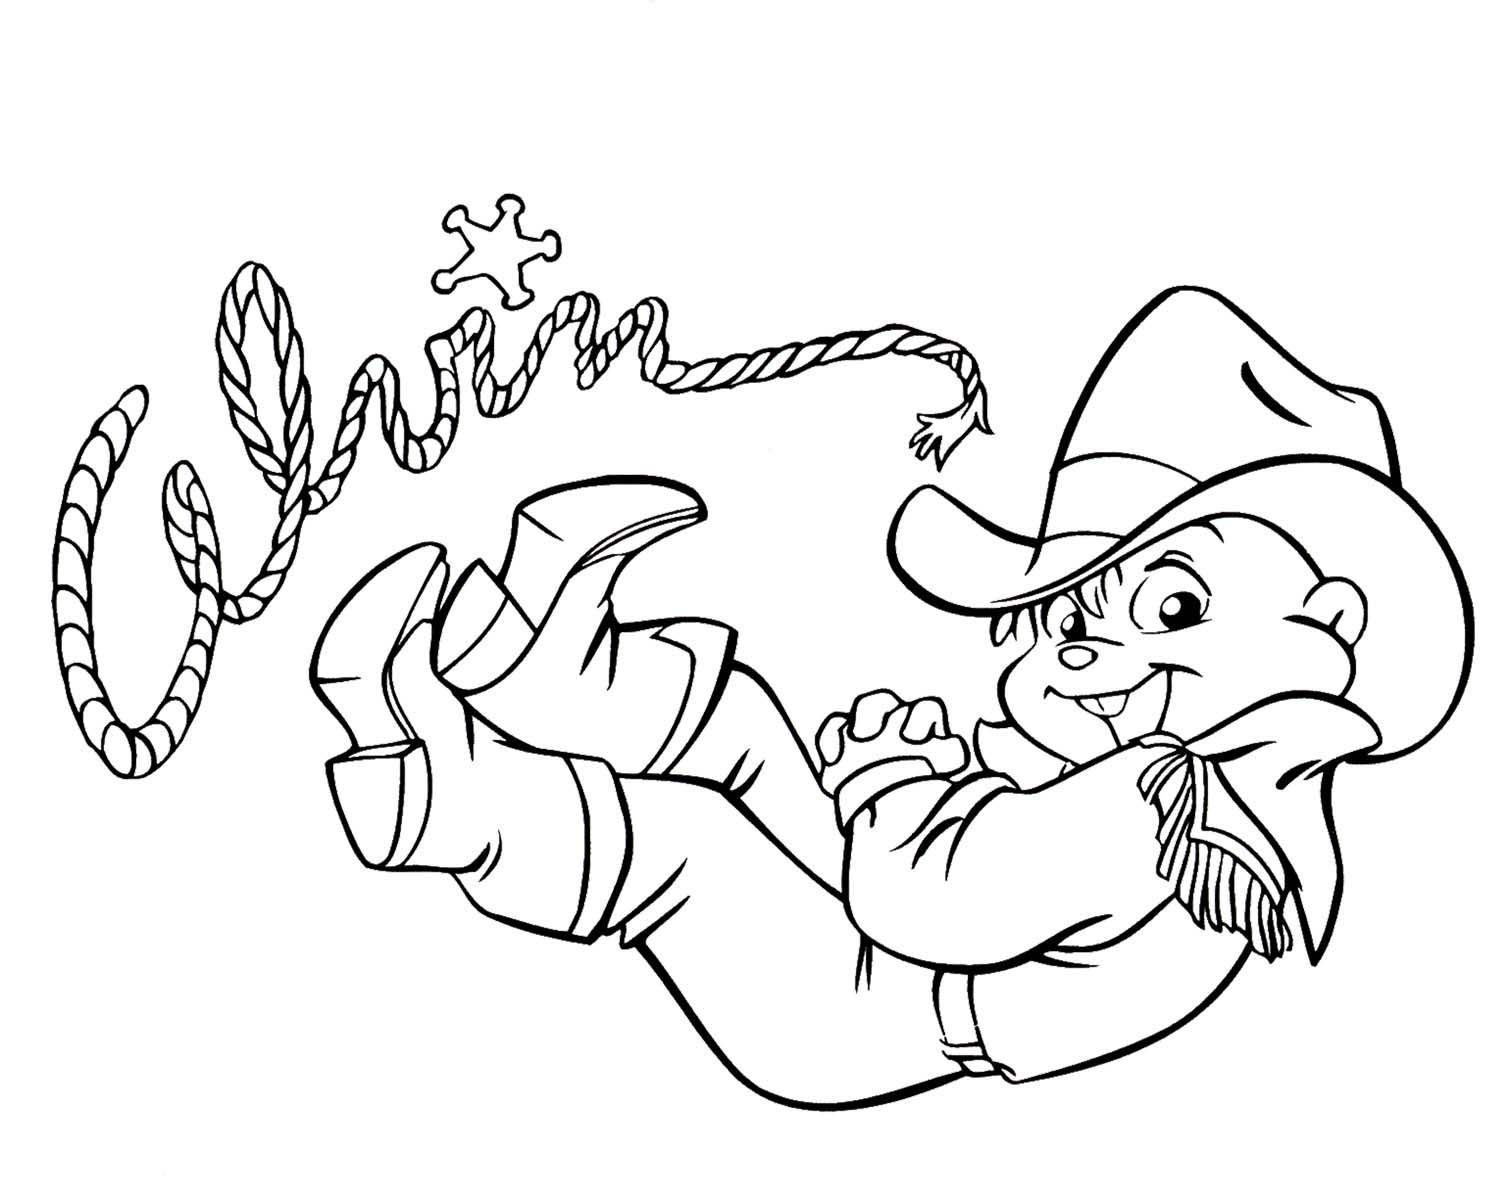 Dibujos de alvin y las ardillas para colorear - Imagui